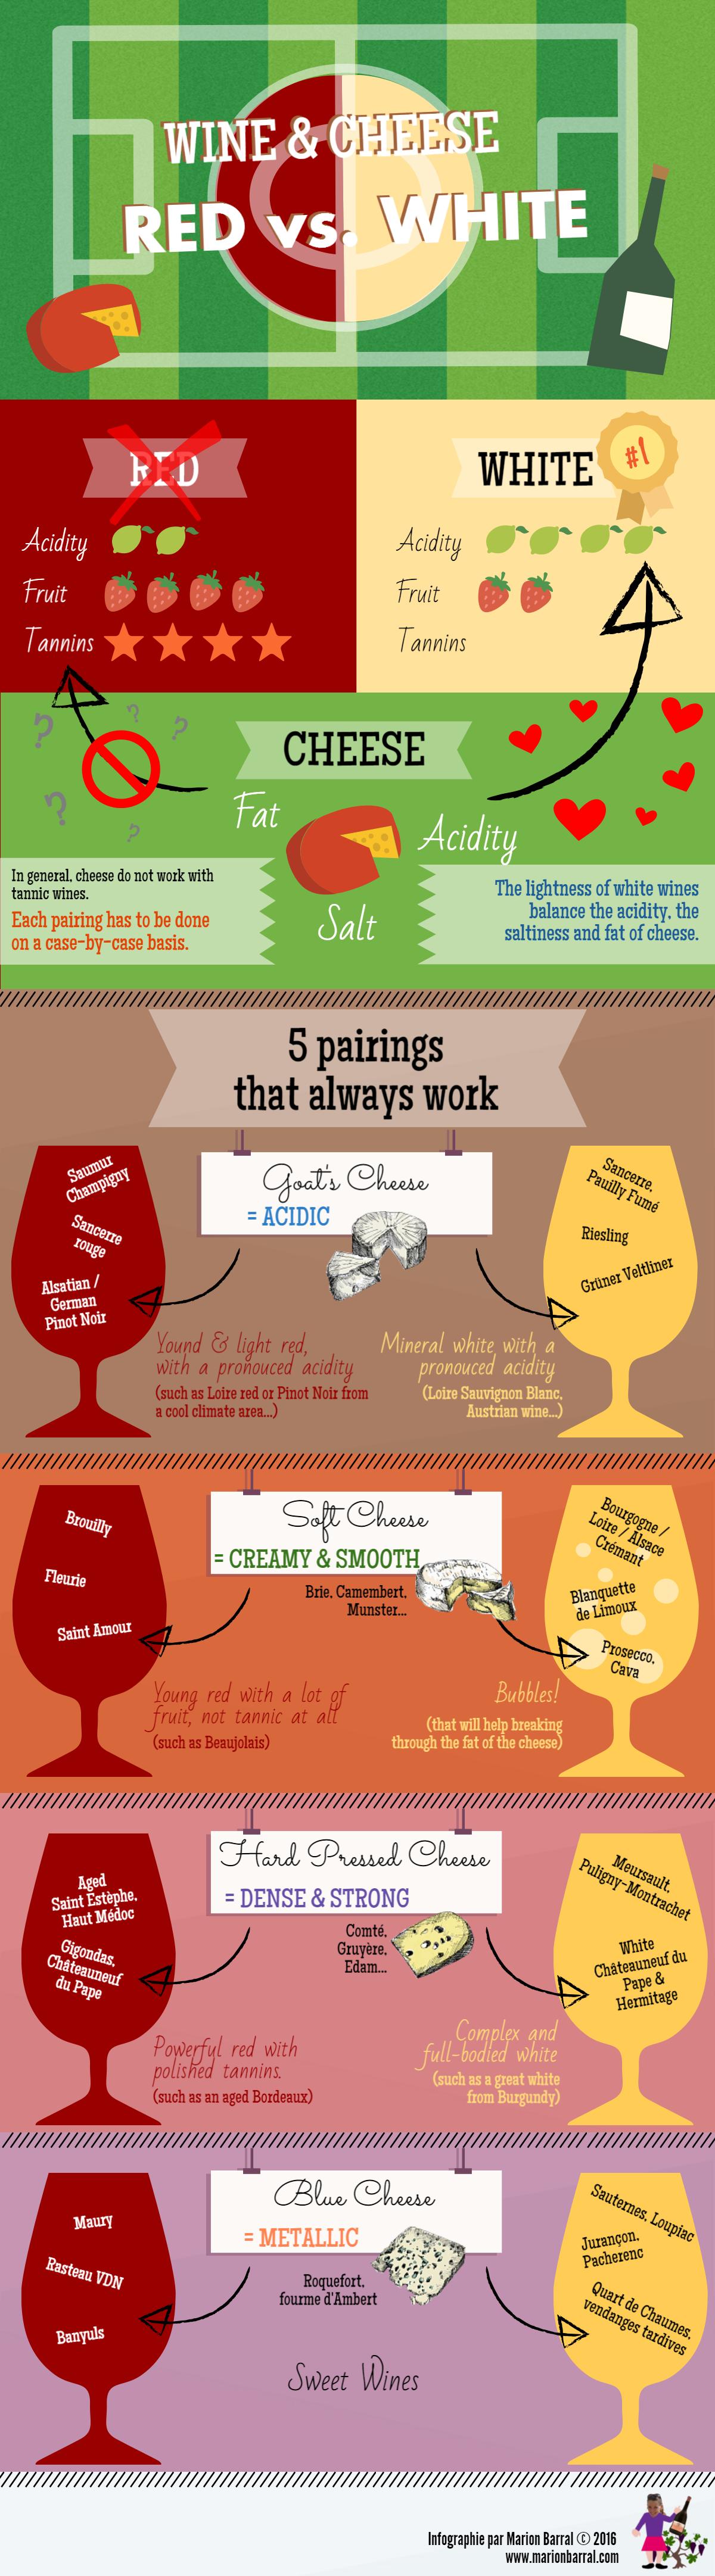 Pairing Cheese and Wine, Red vs. White